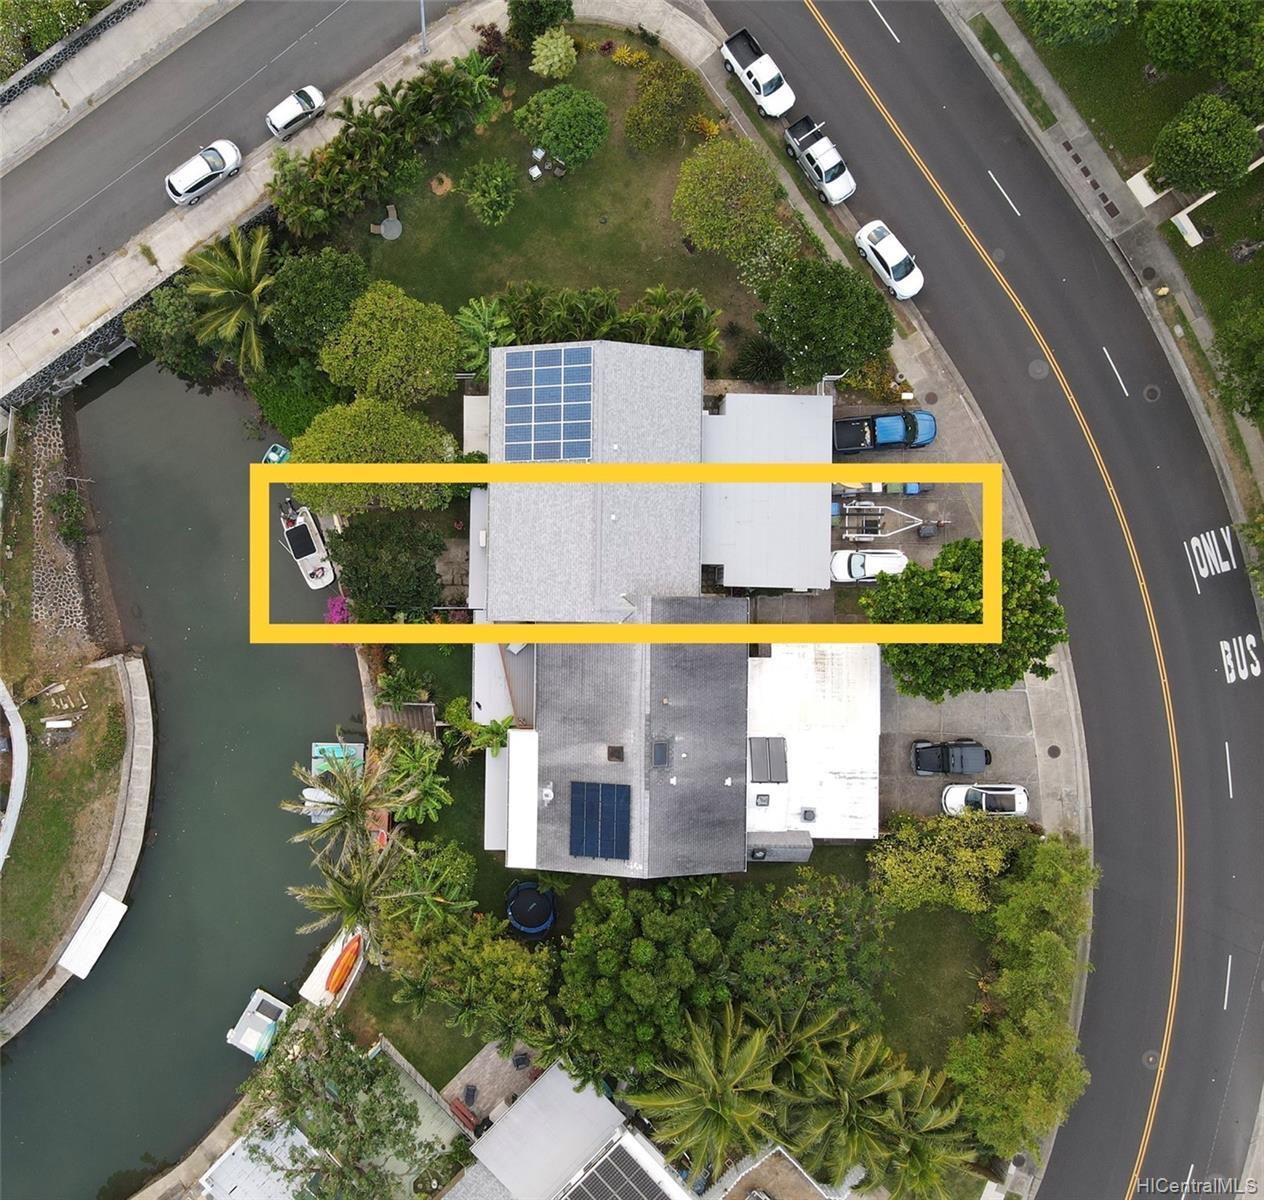 Hawaii Kai Condo Lot4 condo # C, Honolulu, Hawaii - photo 21 of 25